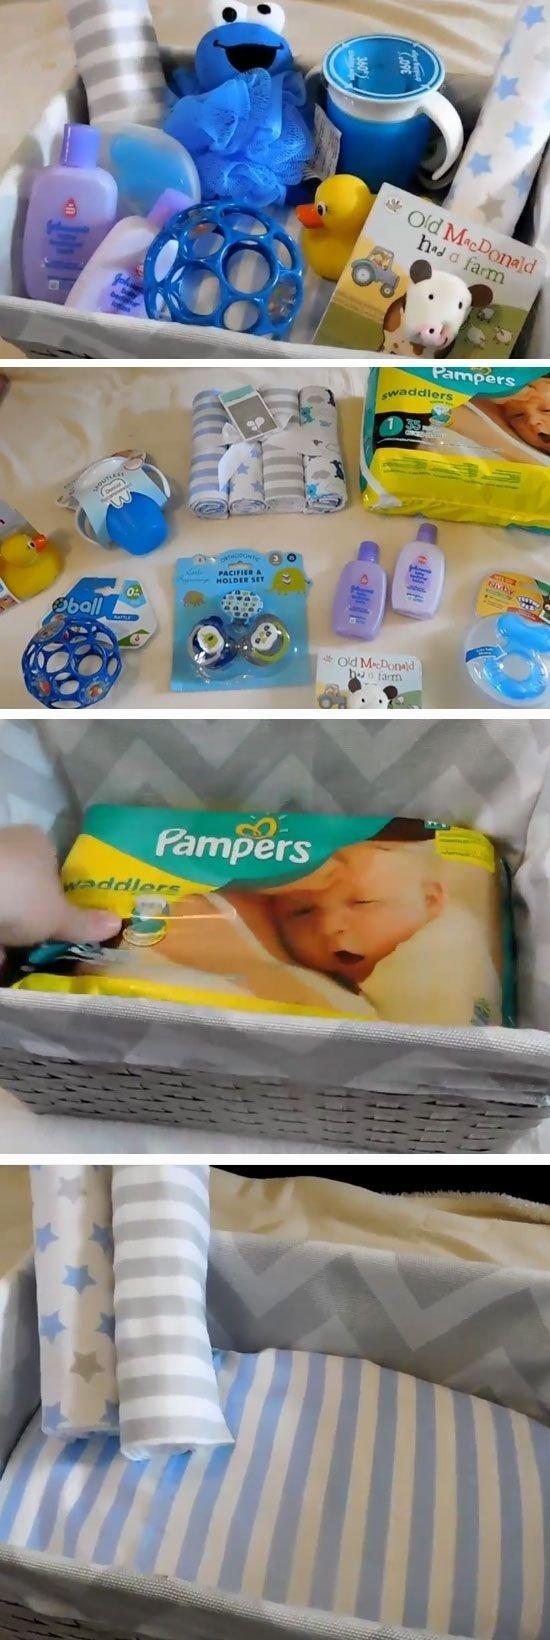 10 Gorgeous Best Baby Shower Gift Ideas best baby shower gift ideas baby showers ideas 2020